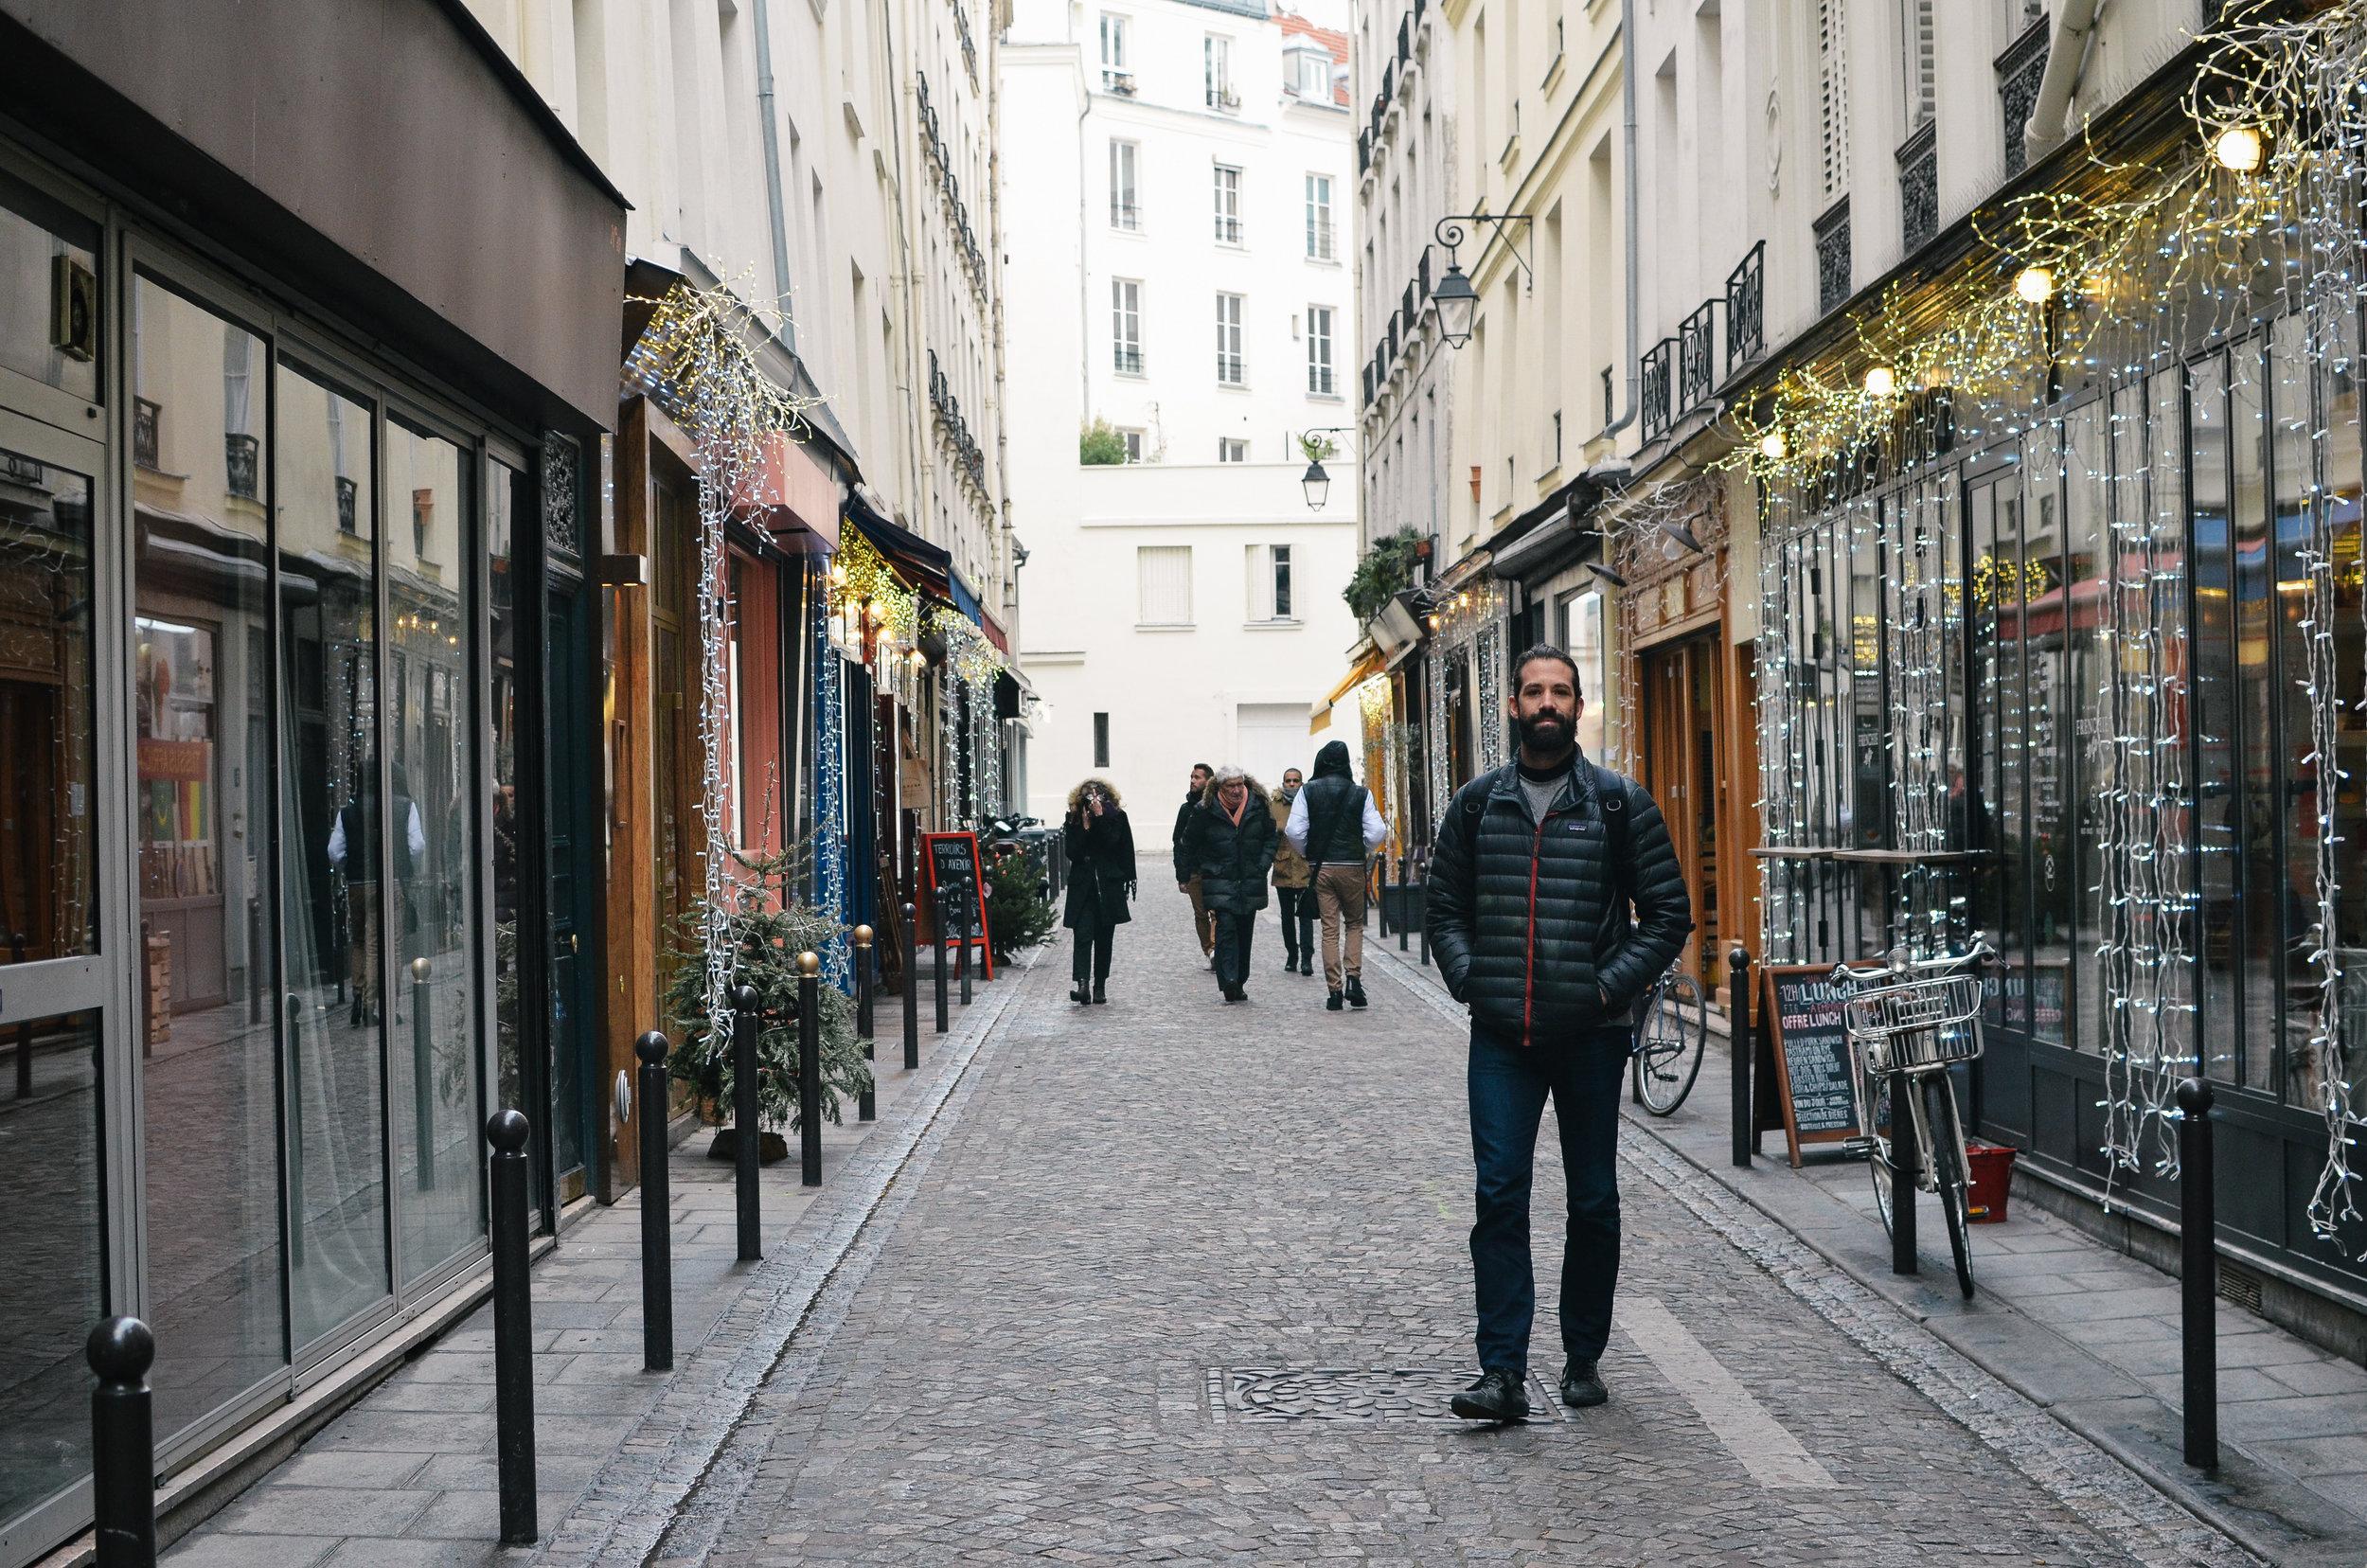 paris-france-travel-guide-lifeonpine_DSC_0440.jpg